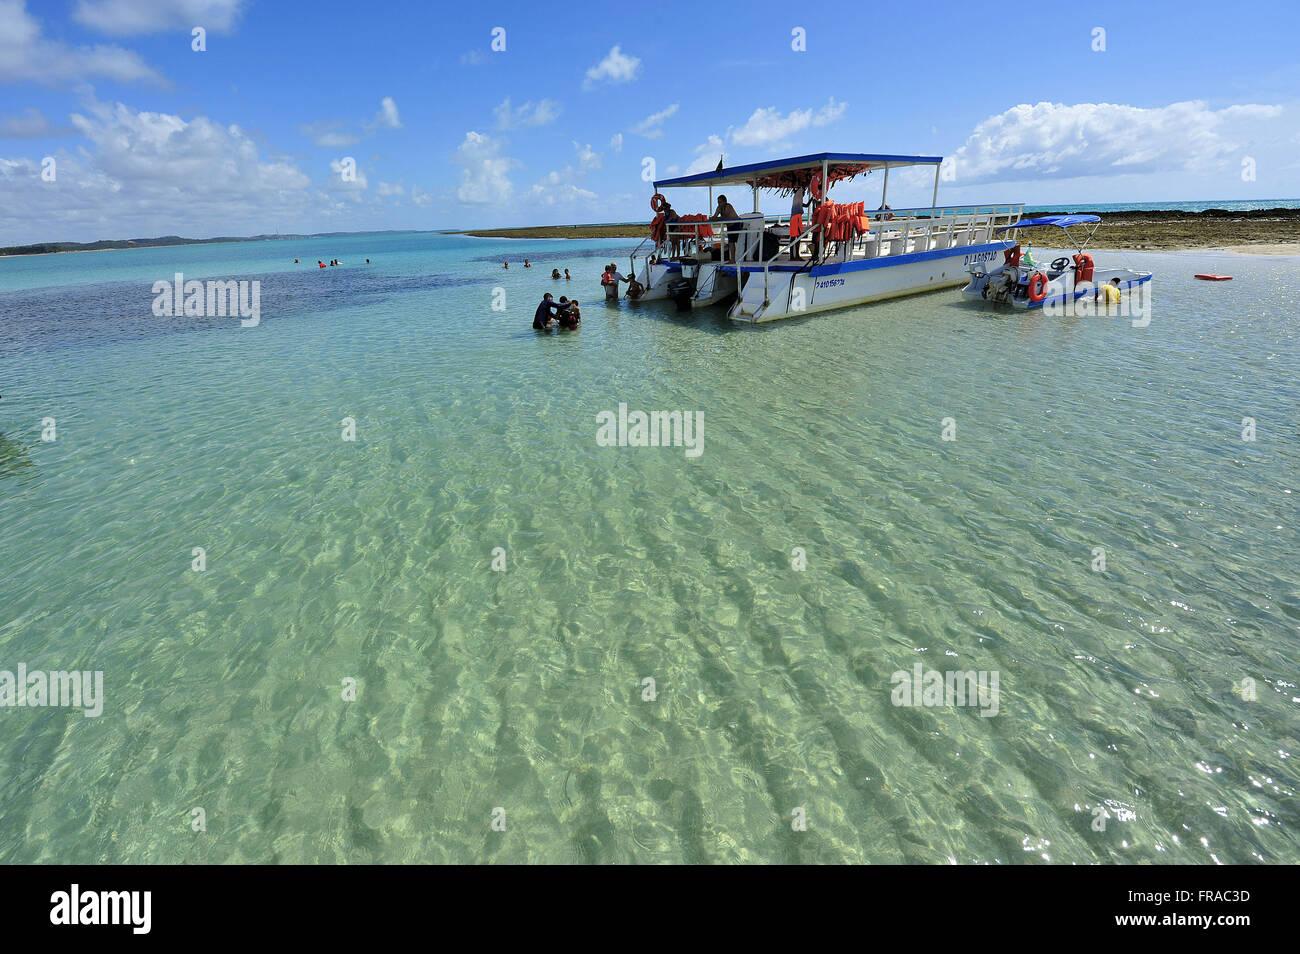 Turistas em barco de passeio na Praia de Japaratinga - Stock Image